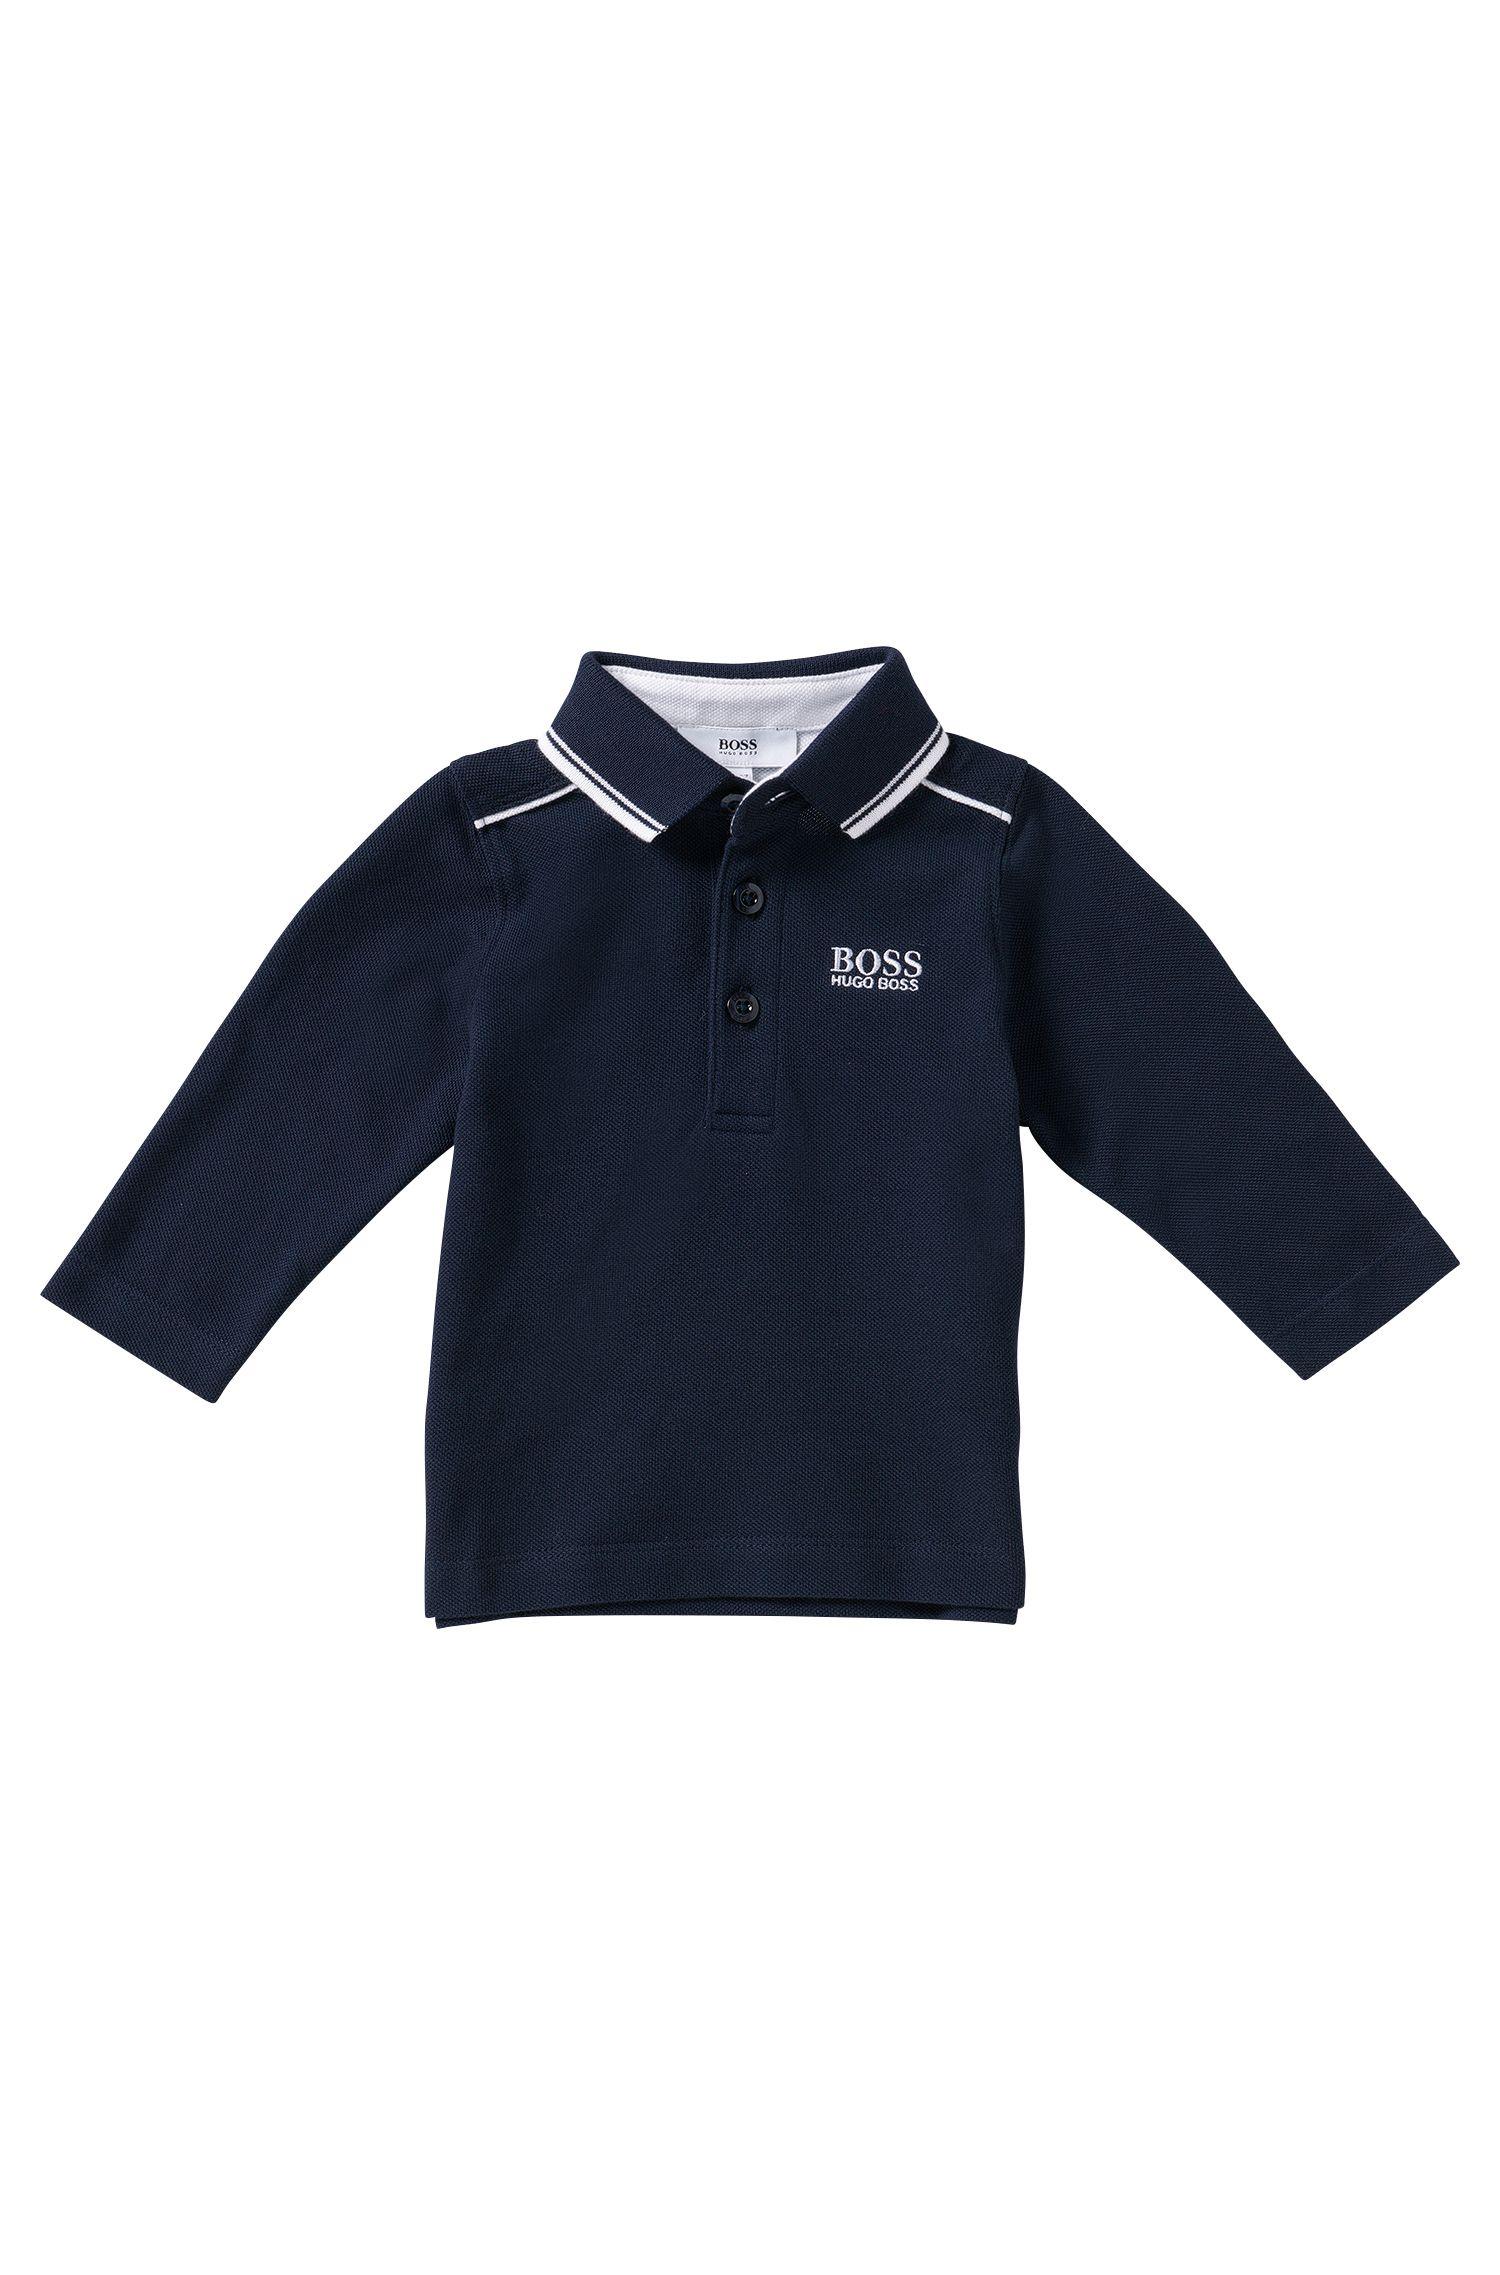 'J05399'   Toddler  Cotton Pique Polo Shirt